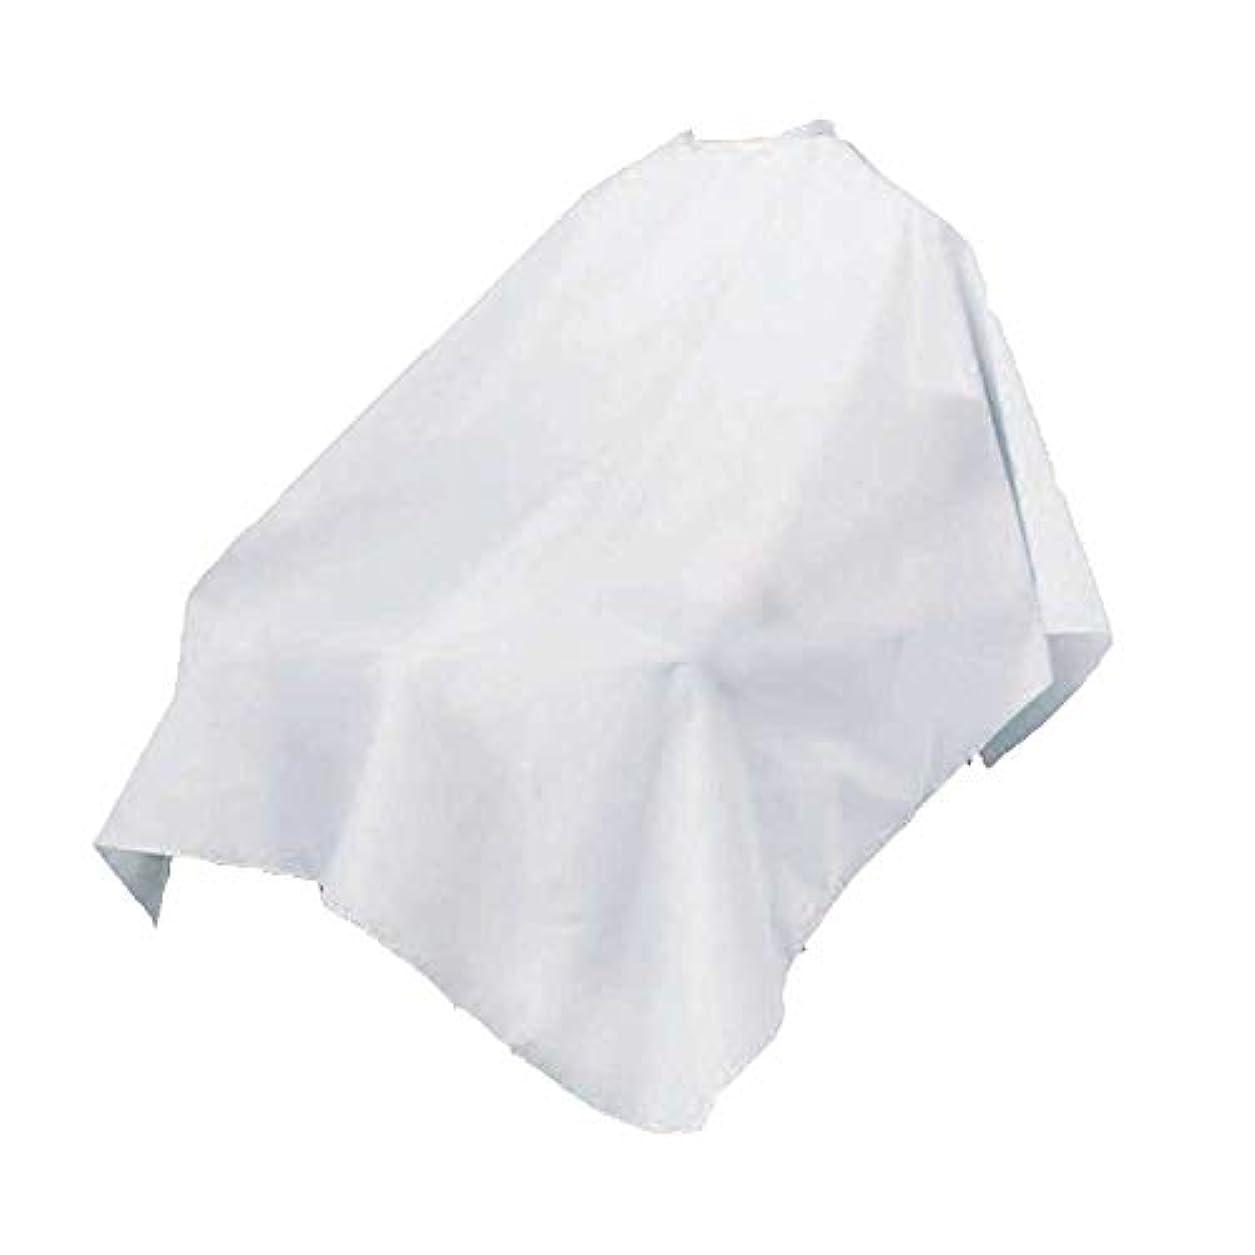 ワコウ WAKO 142刈布 業務用 (ホワイト)